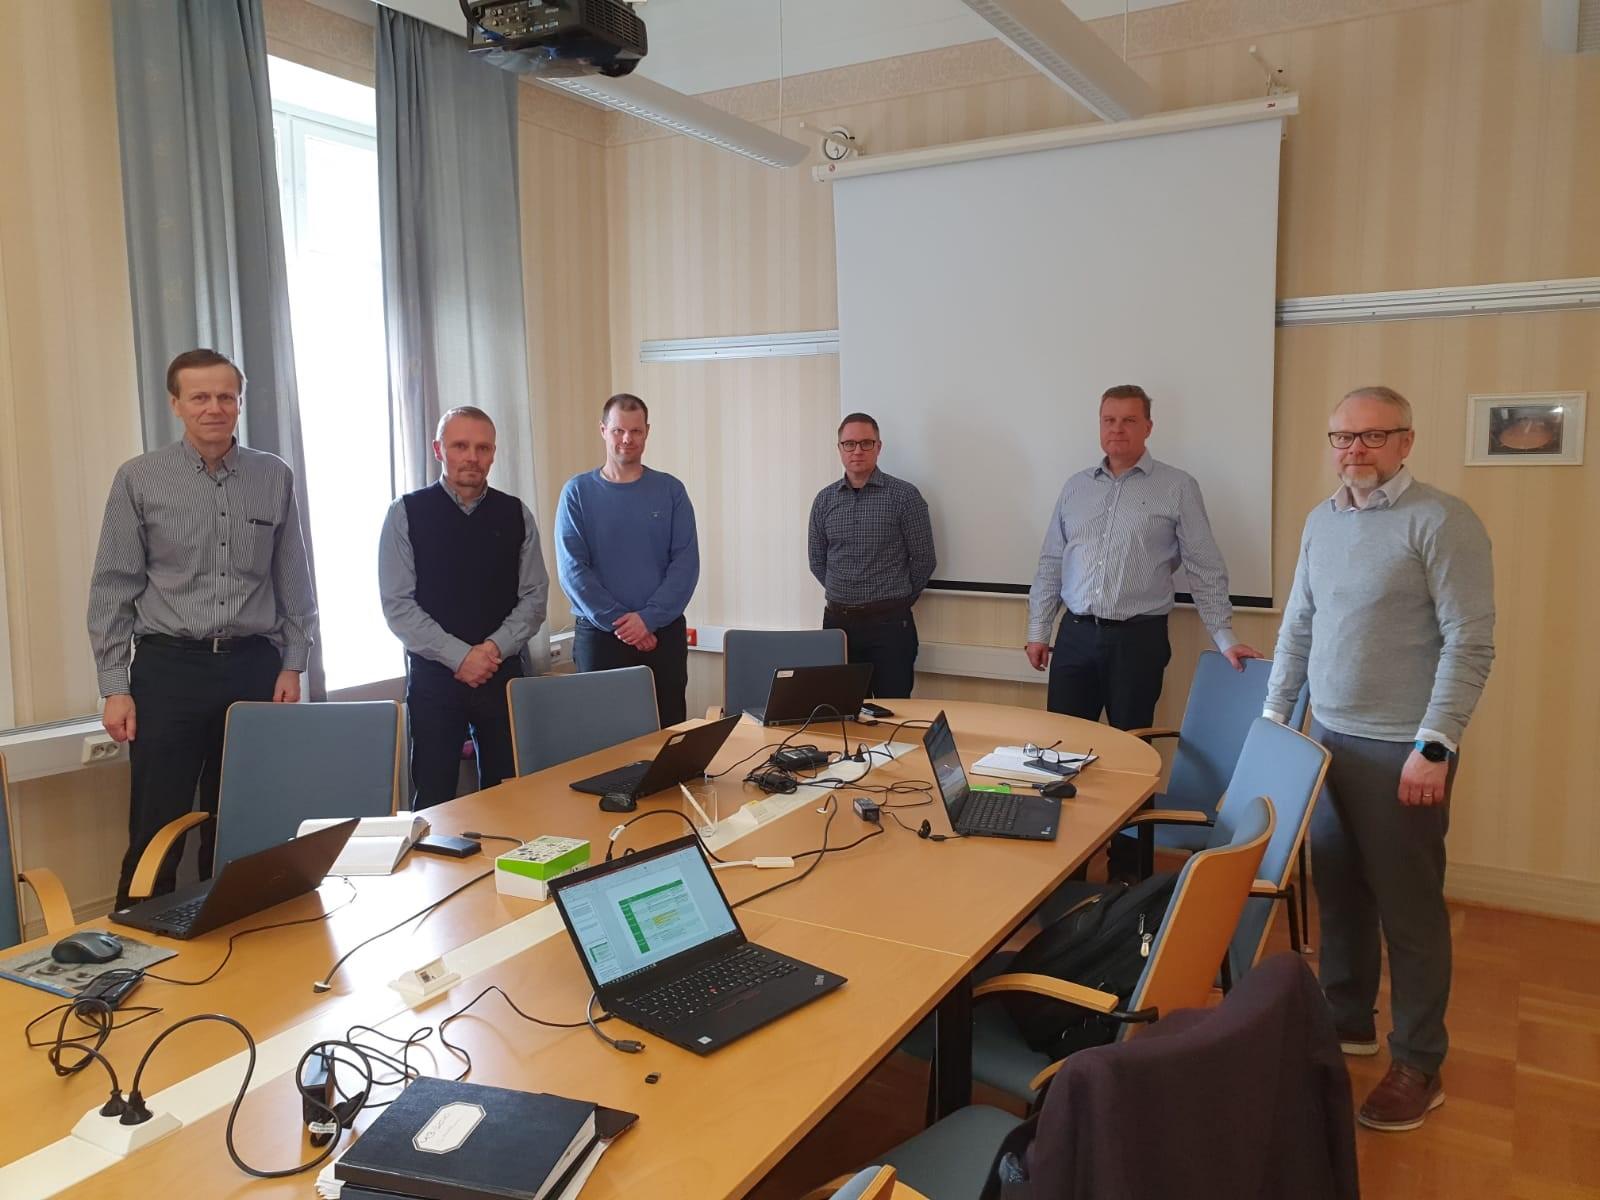 Kaupanteon jälkeen (vasemmalta): Ari Kiviranta, Mika Sainio, Jarno Lehtonen, Marko Heikkilä (kaikki Metsä Boardilta), Marko Korpinen ja Sami Anttilainen (molemmat Valmetilta).